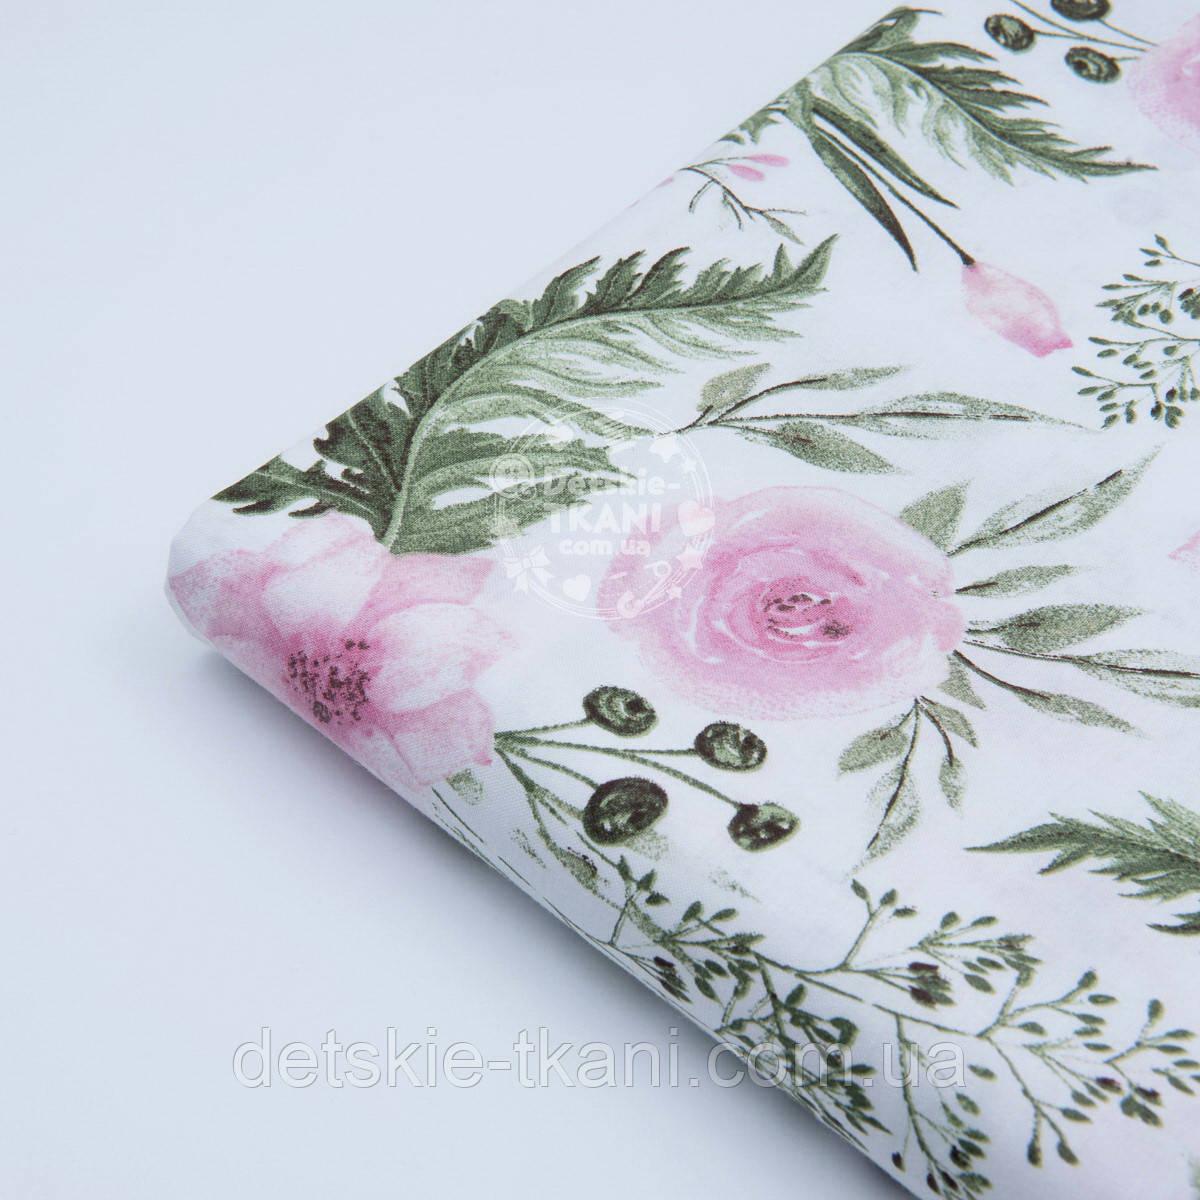 """Лоскут ткани """"Розовые розочки и анемоны с вычурными листьями"""" на белом (№1641а), размер 44*80 см"""